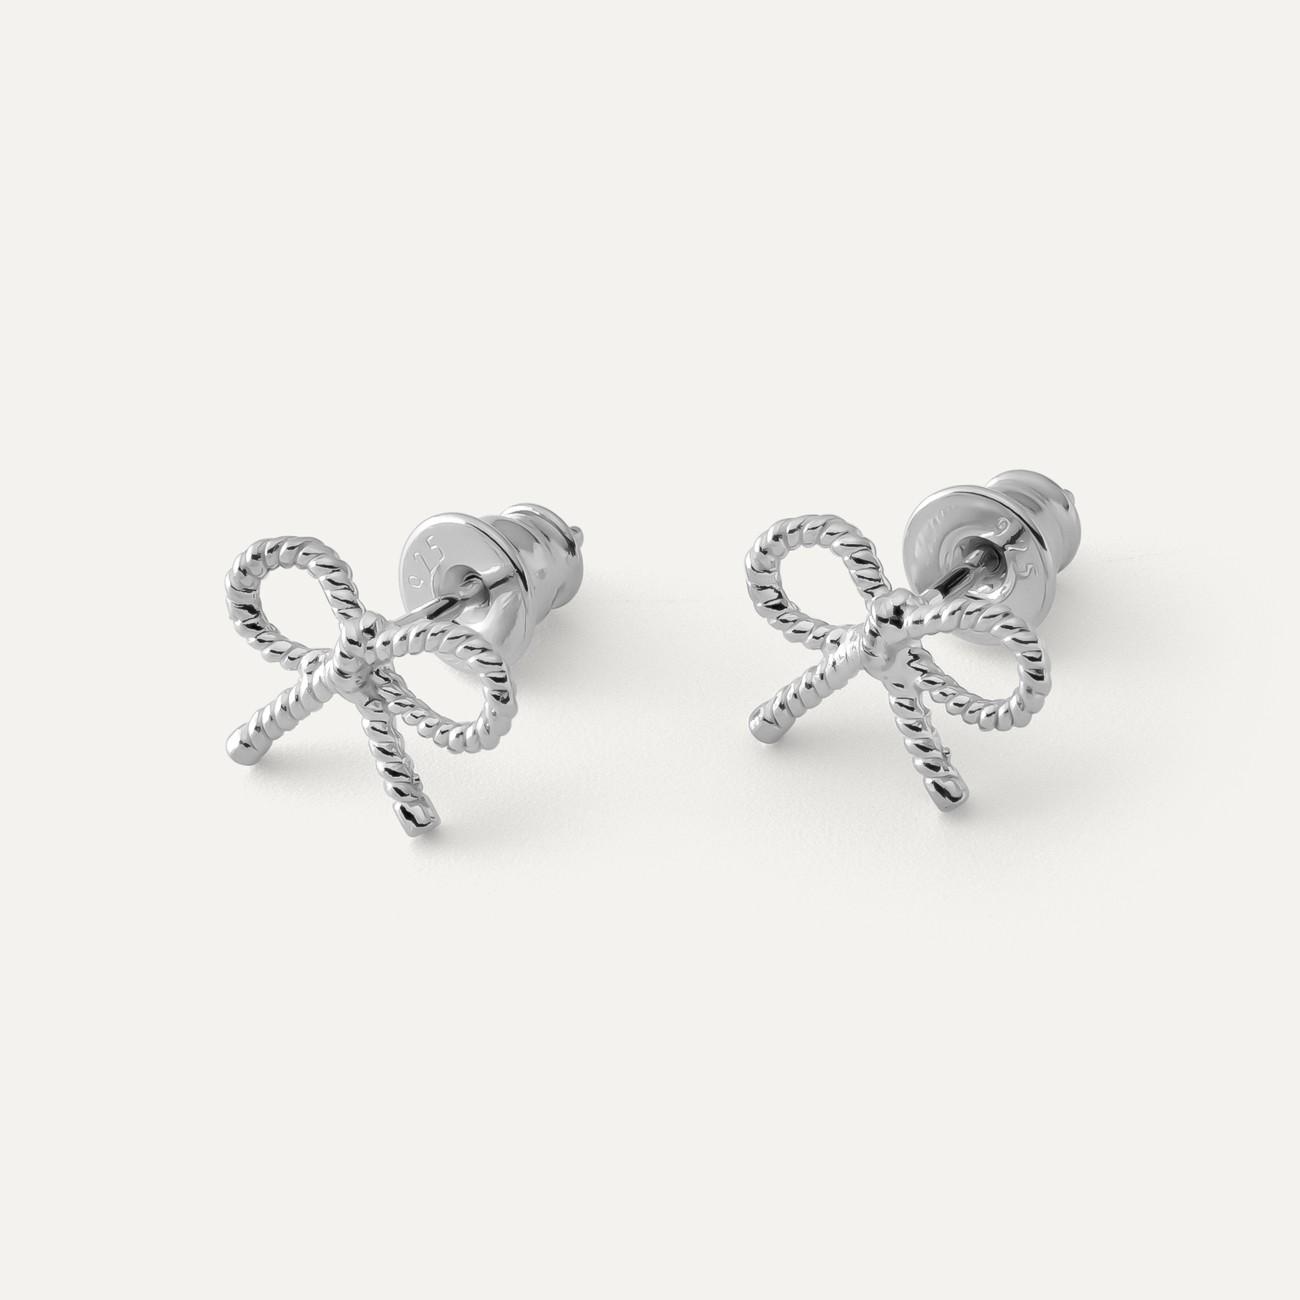 Kolczyki kokardki, srebro 925